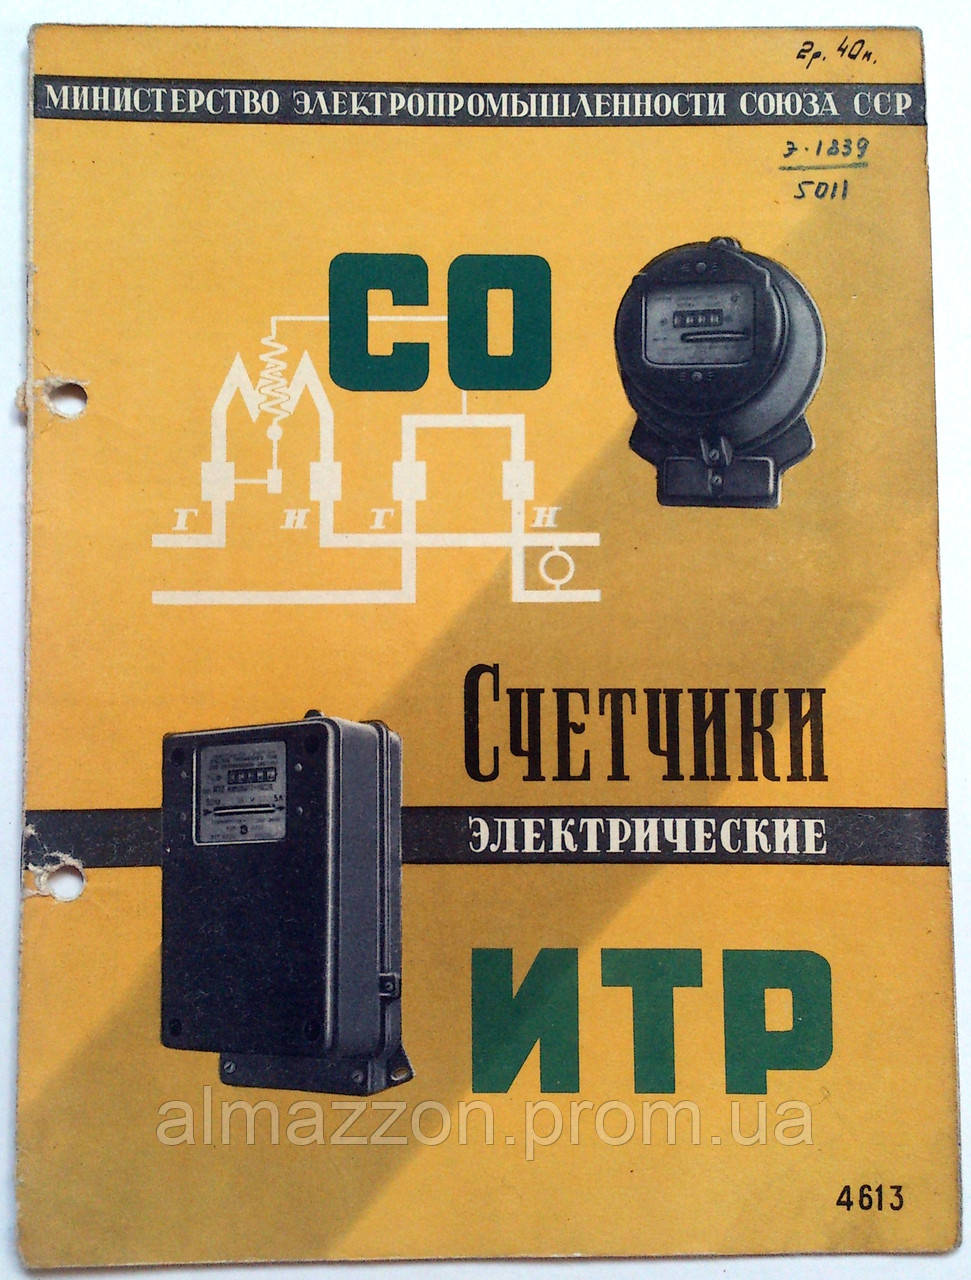 """Журнал (Бюллетень) """"Счетчики электрические СО и ИТР"""" 1951 год"""